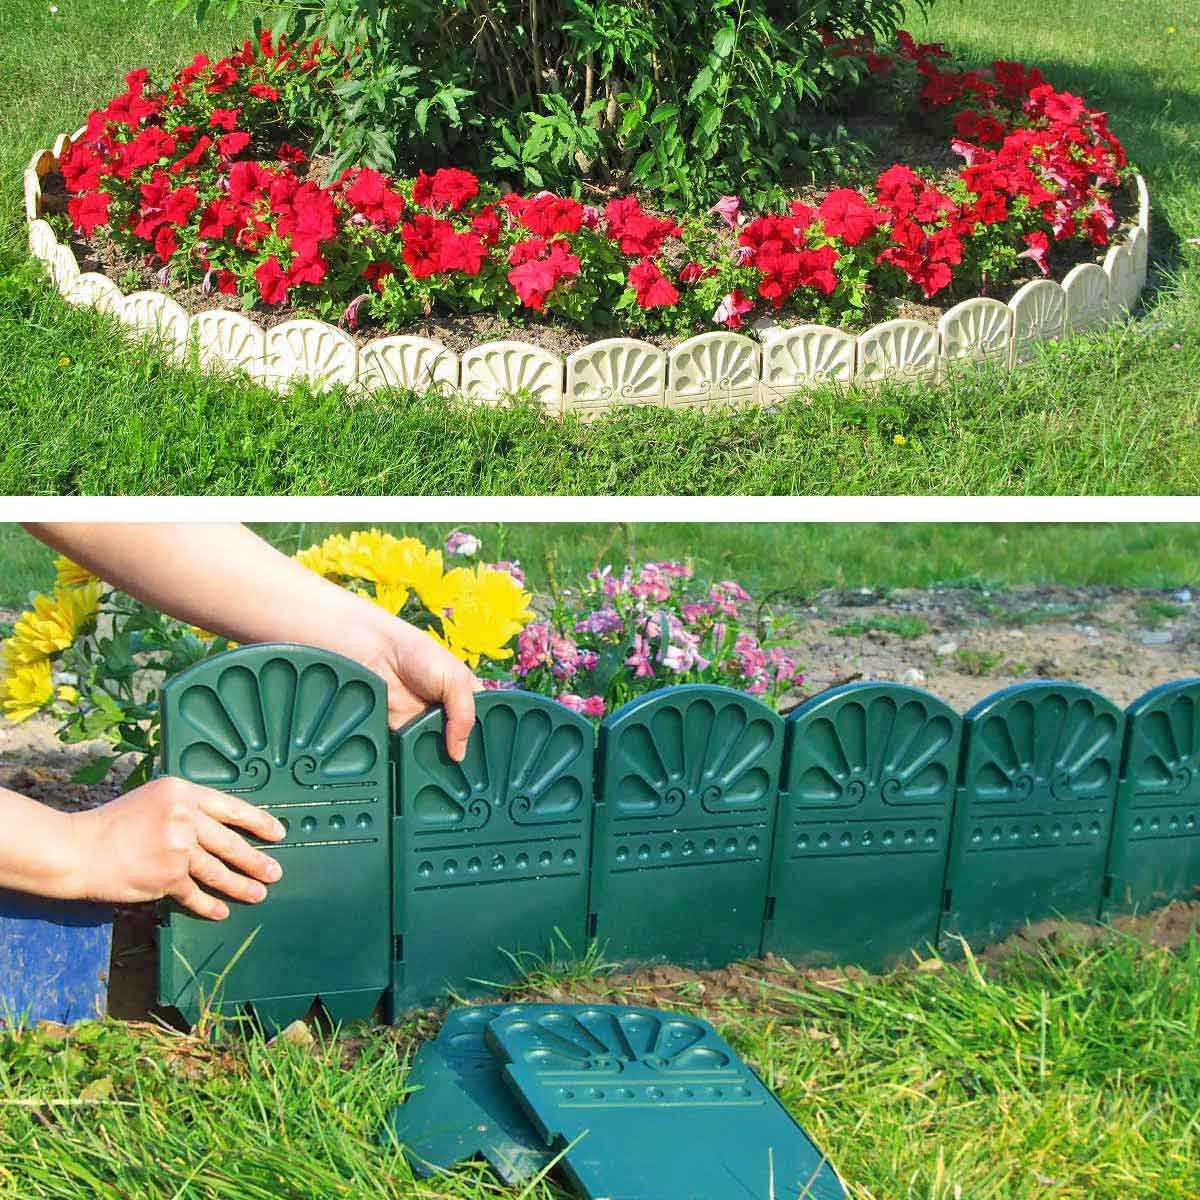 Bordures Décoratives De Jardin En Plastique avec Bordure Bois Pour Jardin